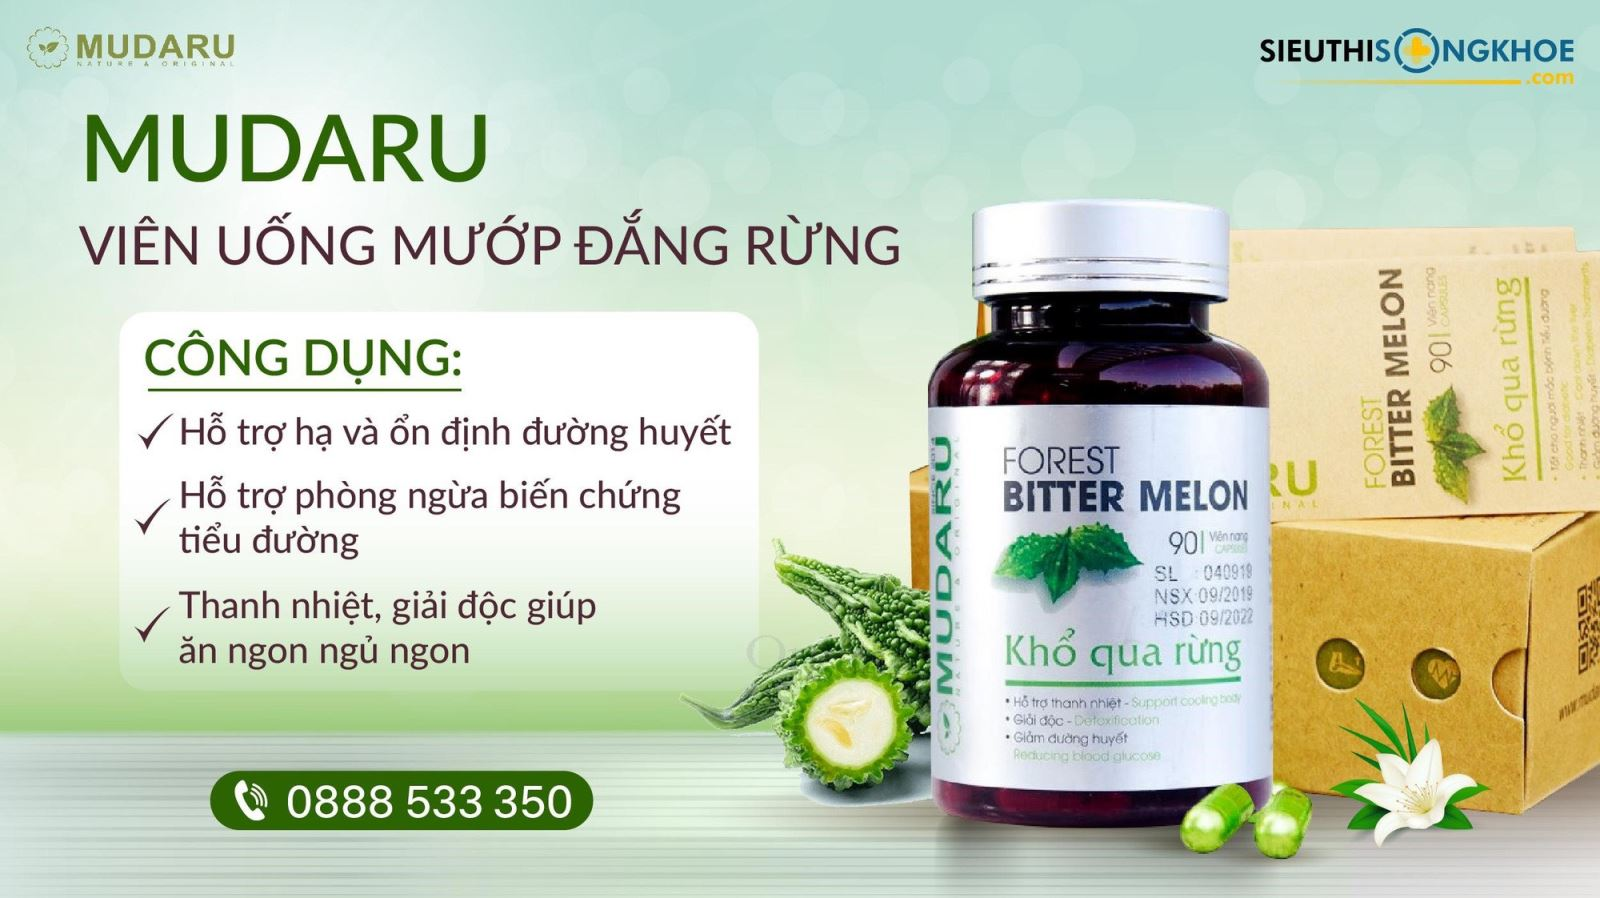 Viên Uống Mudaru - nâng tầm giá trị nông sản Việt 1